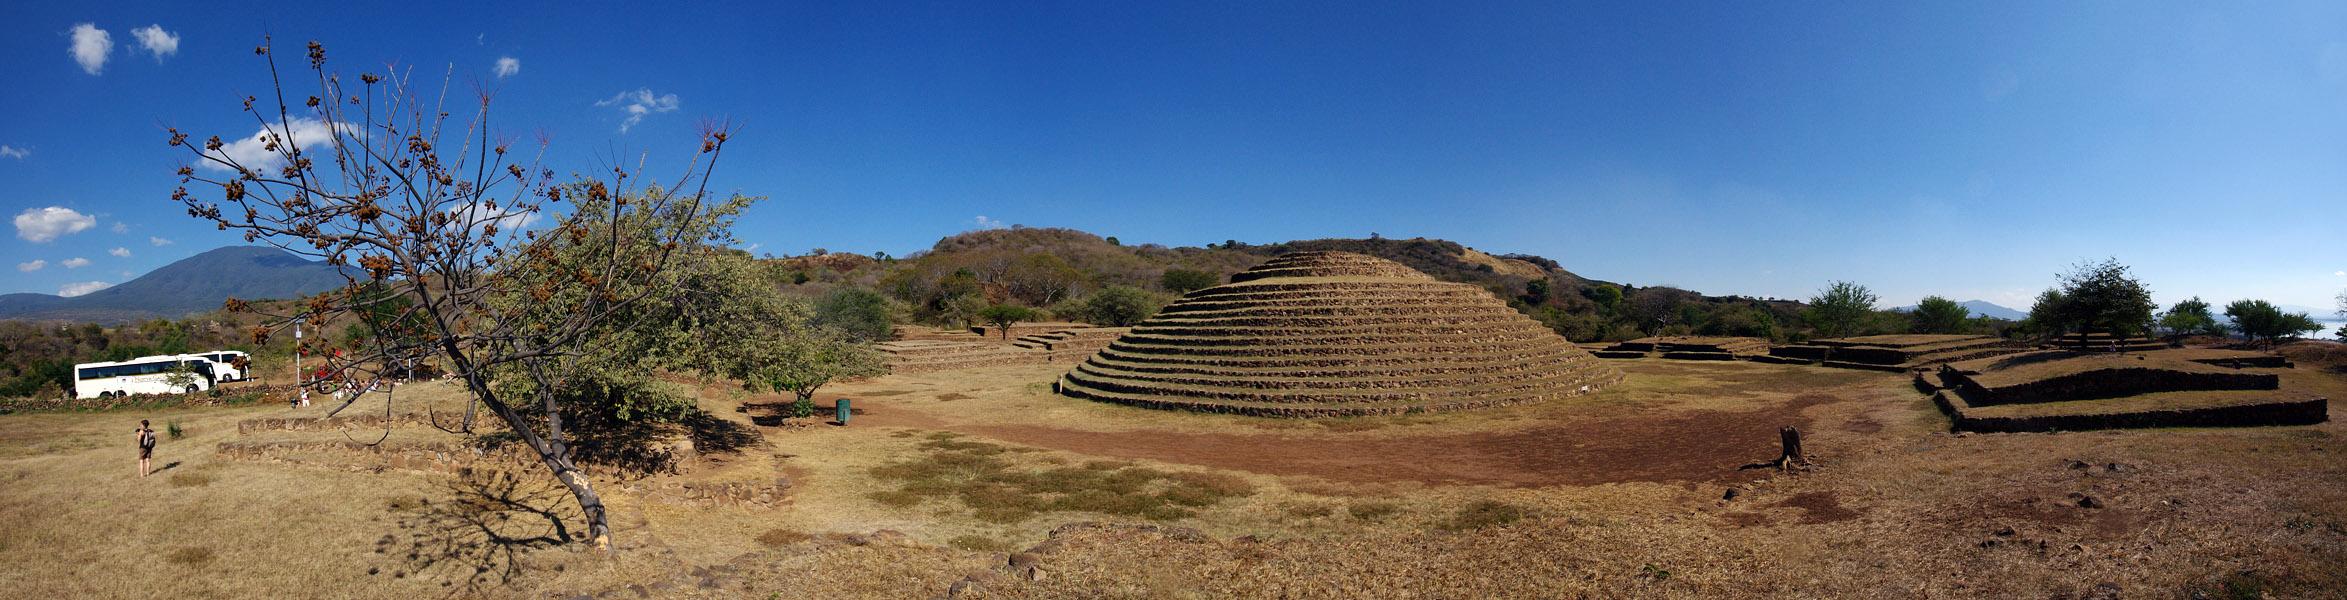 3500: mehhiko, guachimontones